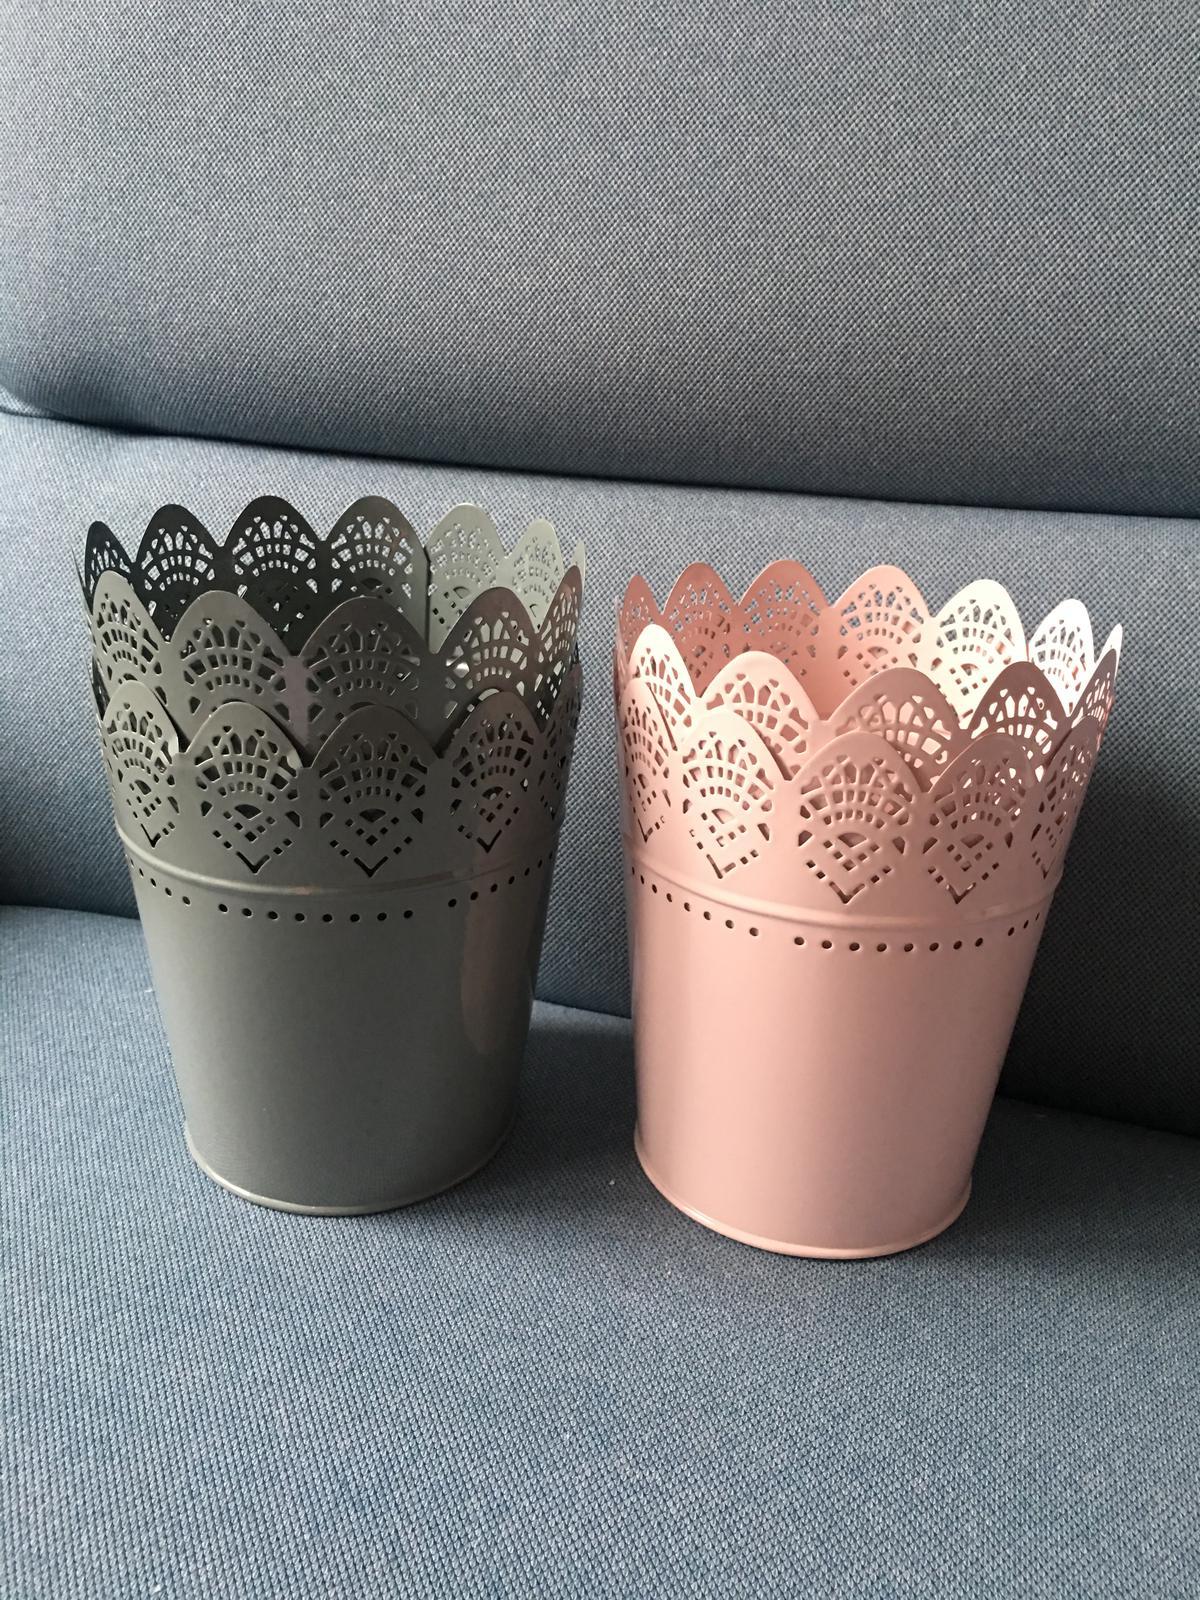 Květináč/obal/svícen světle růžová a šedá 15 cm - Obrázek č. 1